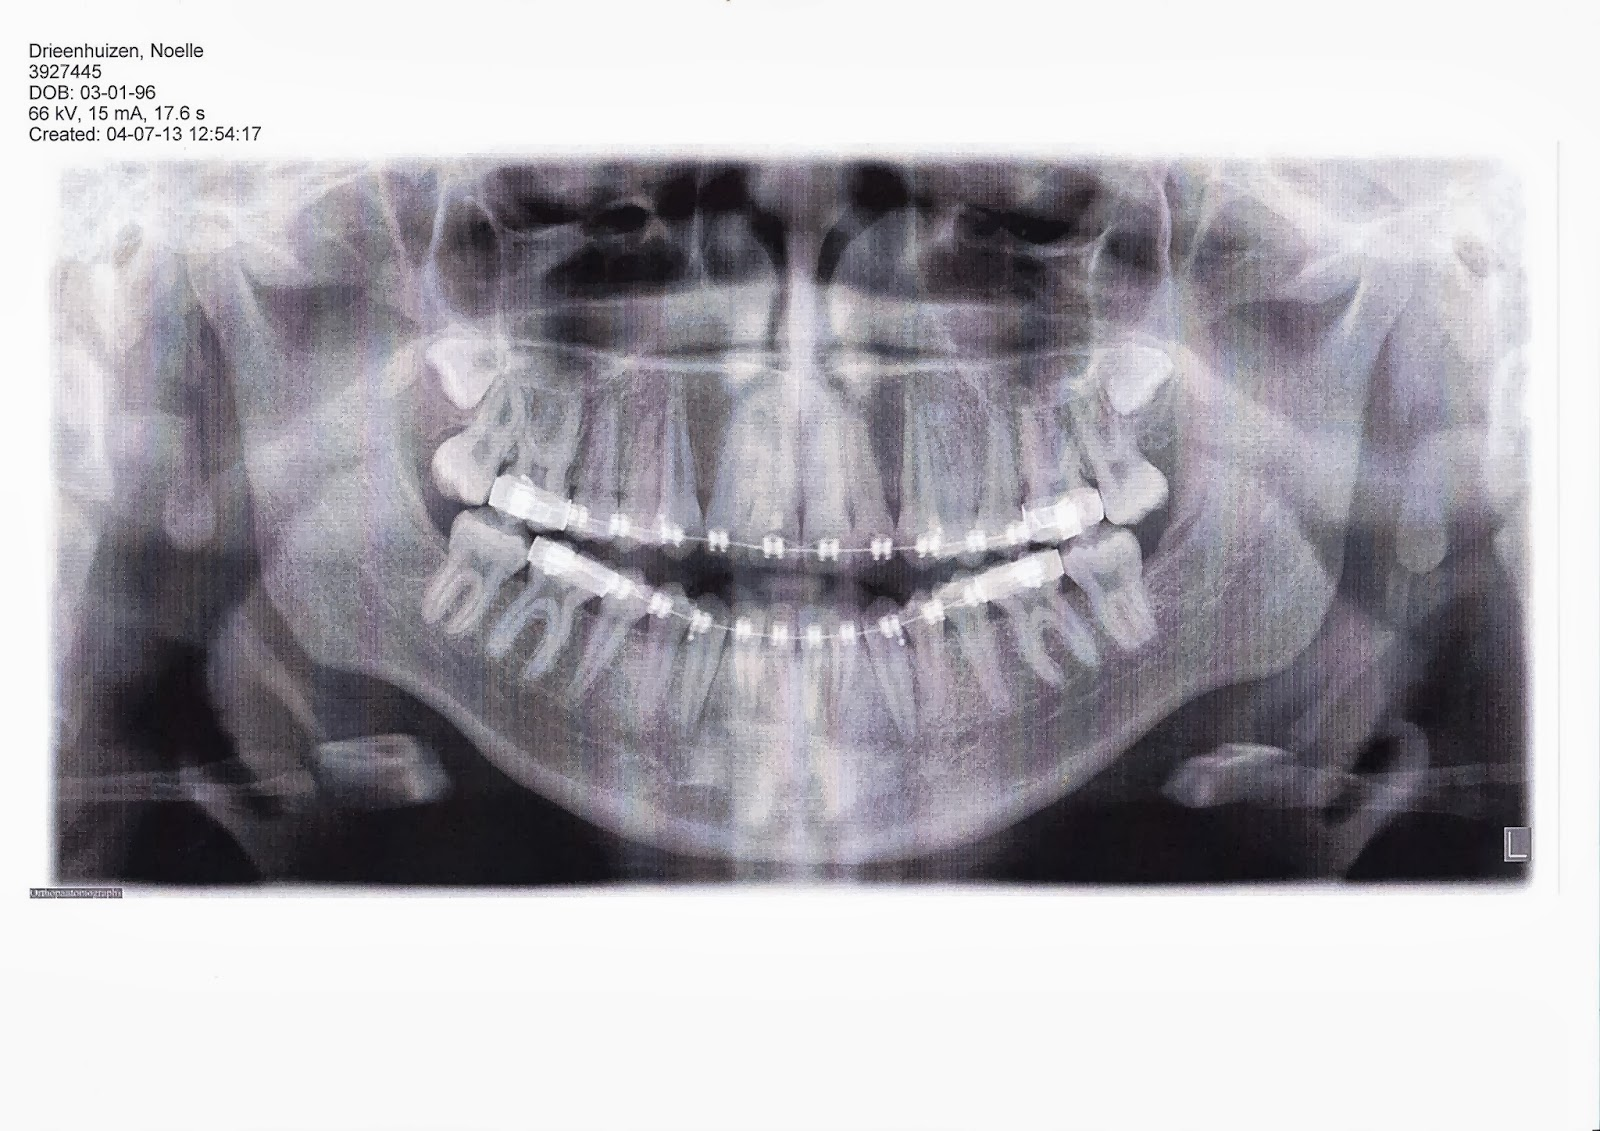 tanden trekken onder narcose ziekenhuis